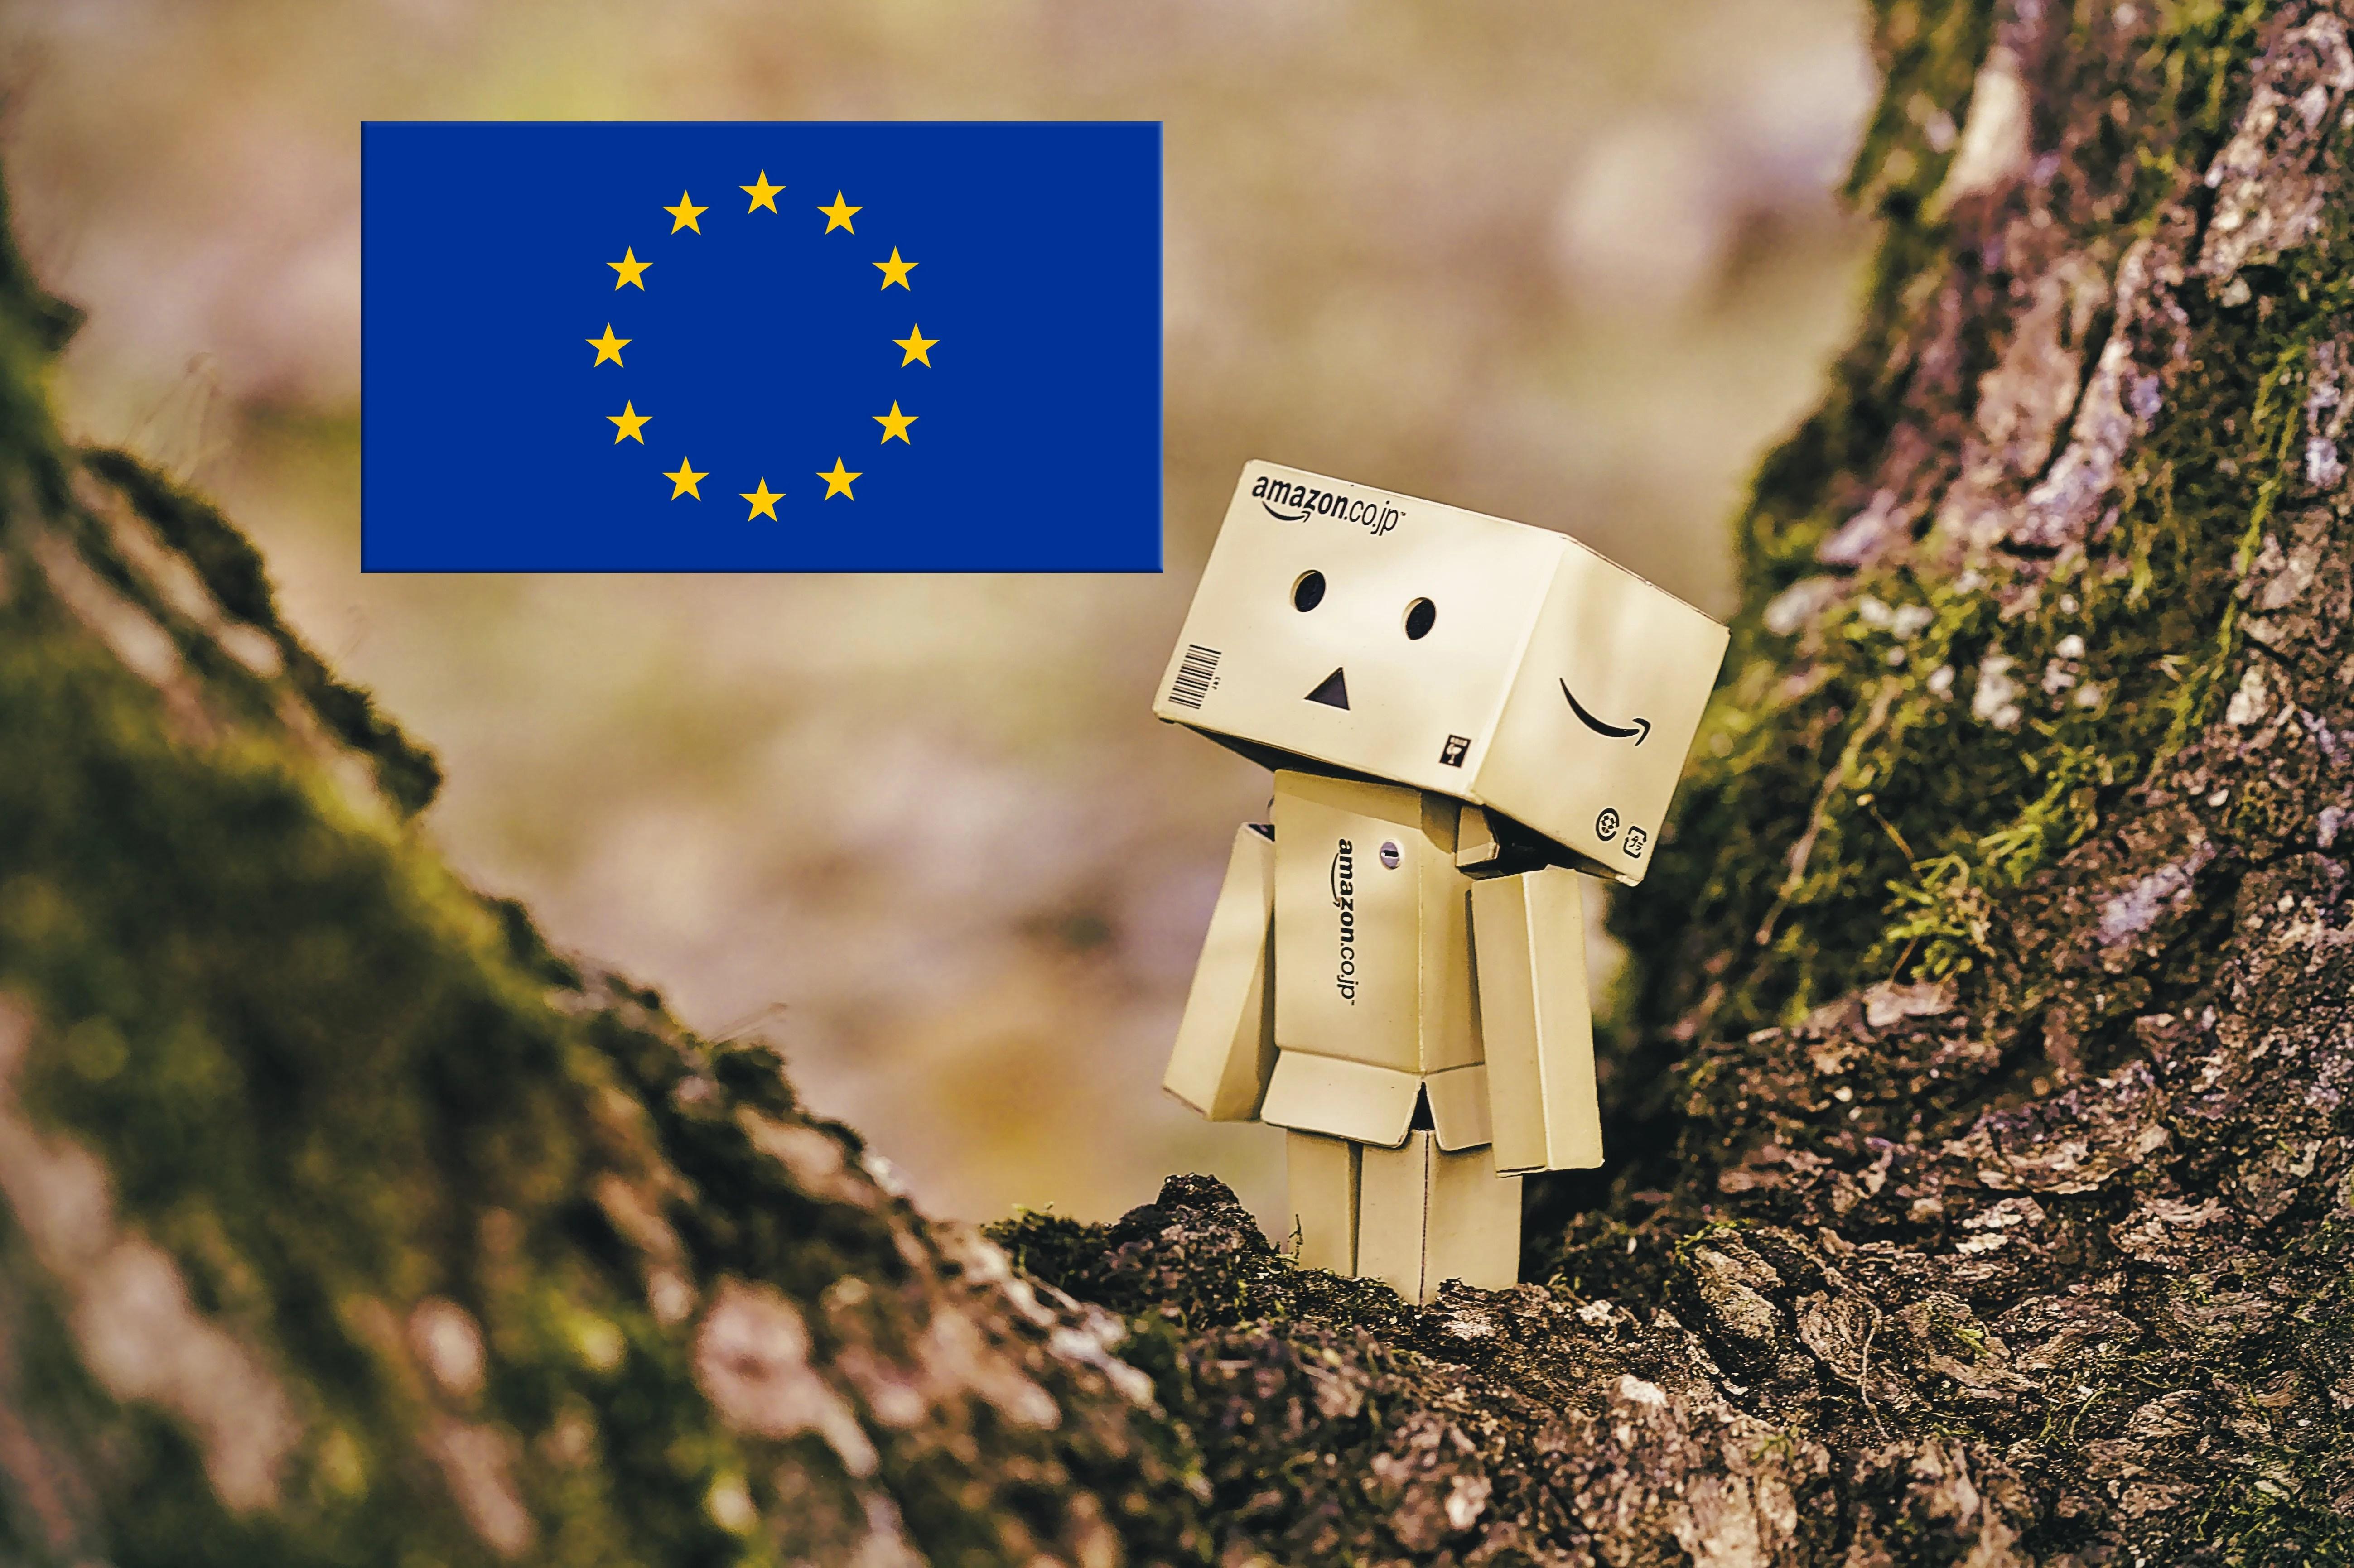 Amazon : l'Europe ouvre une enquête pour pratiques anticoncurrentielles